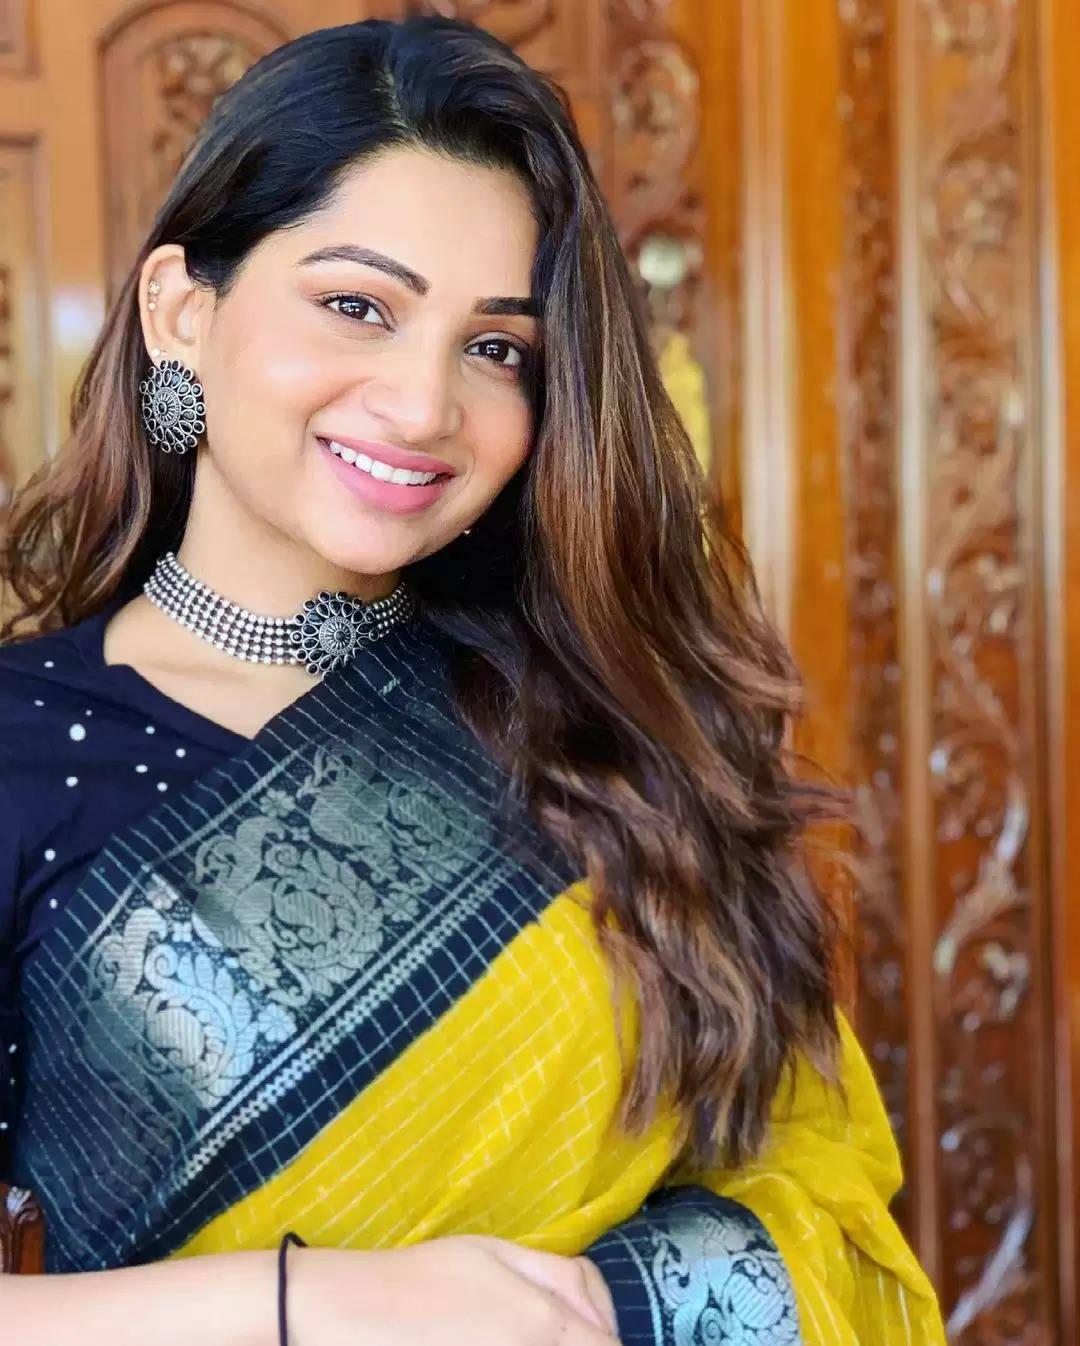 புடவையில் க்யூக் லுக்கில் நடிகை நக்ஷ்த்ரா